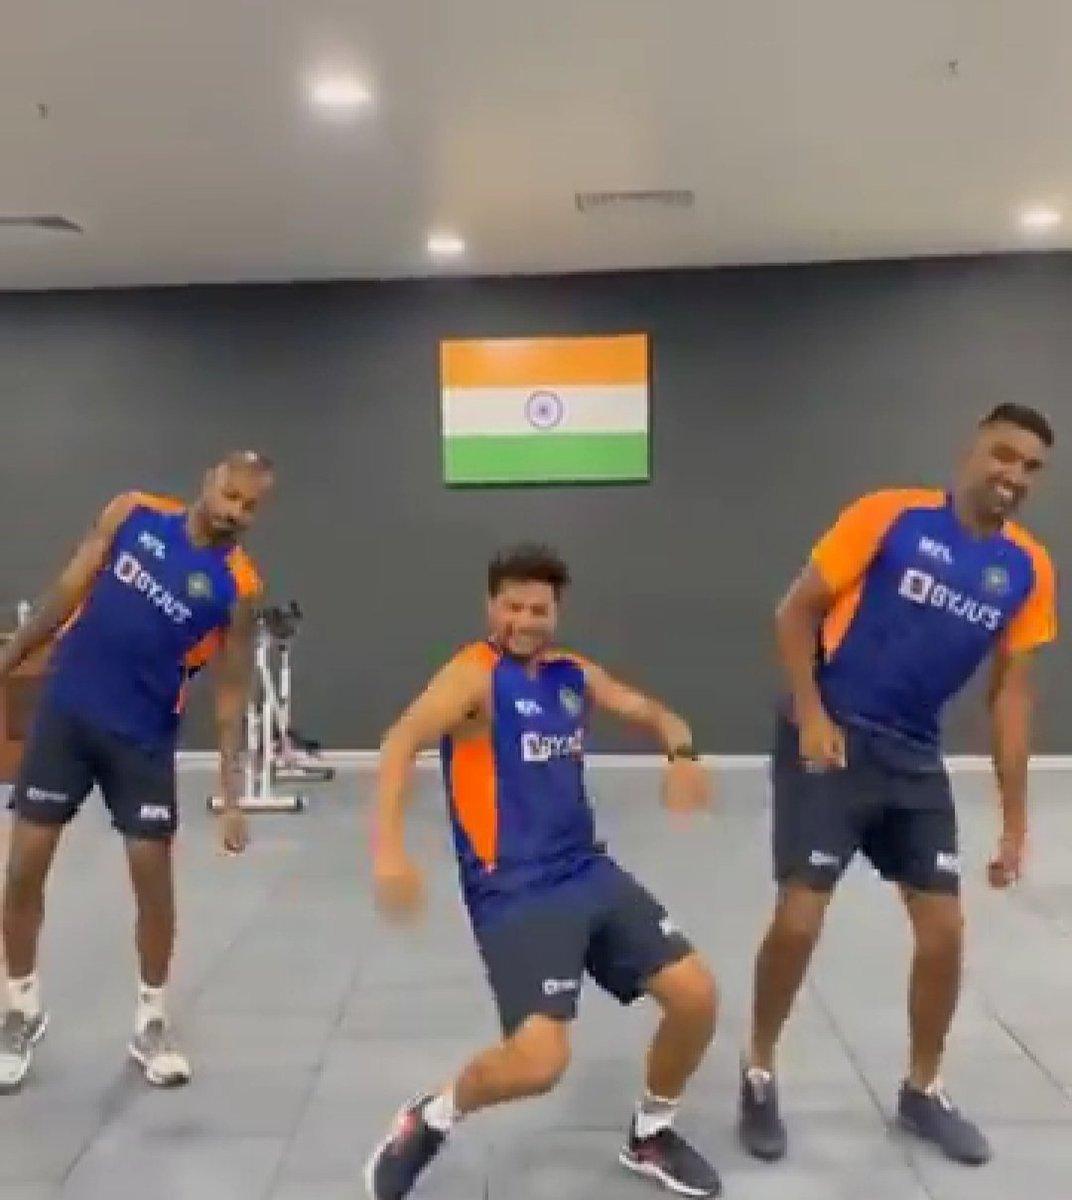 Ind Vs Eng: अश्विन, कुलदीप और हार्दिक का मोटेरा में डांस, वीडियो वायरल